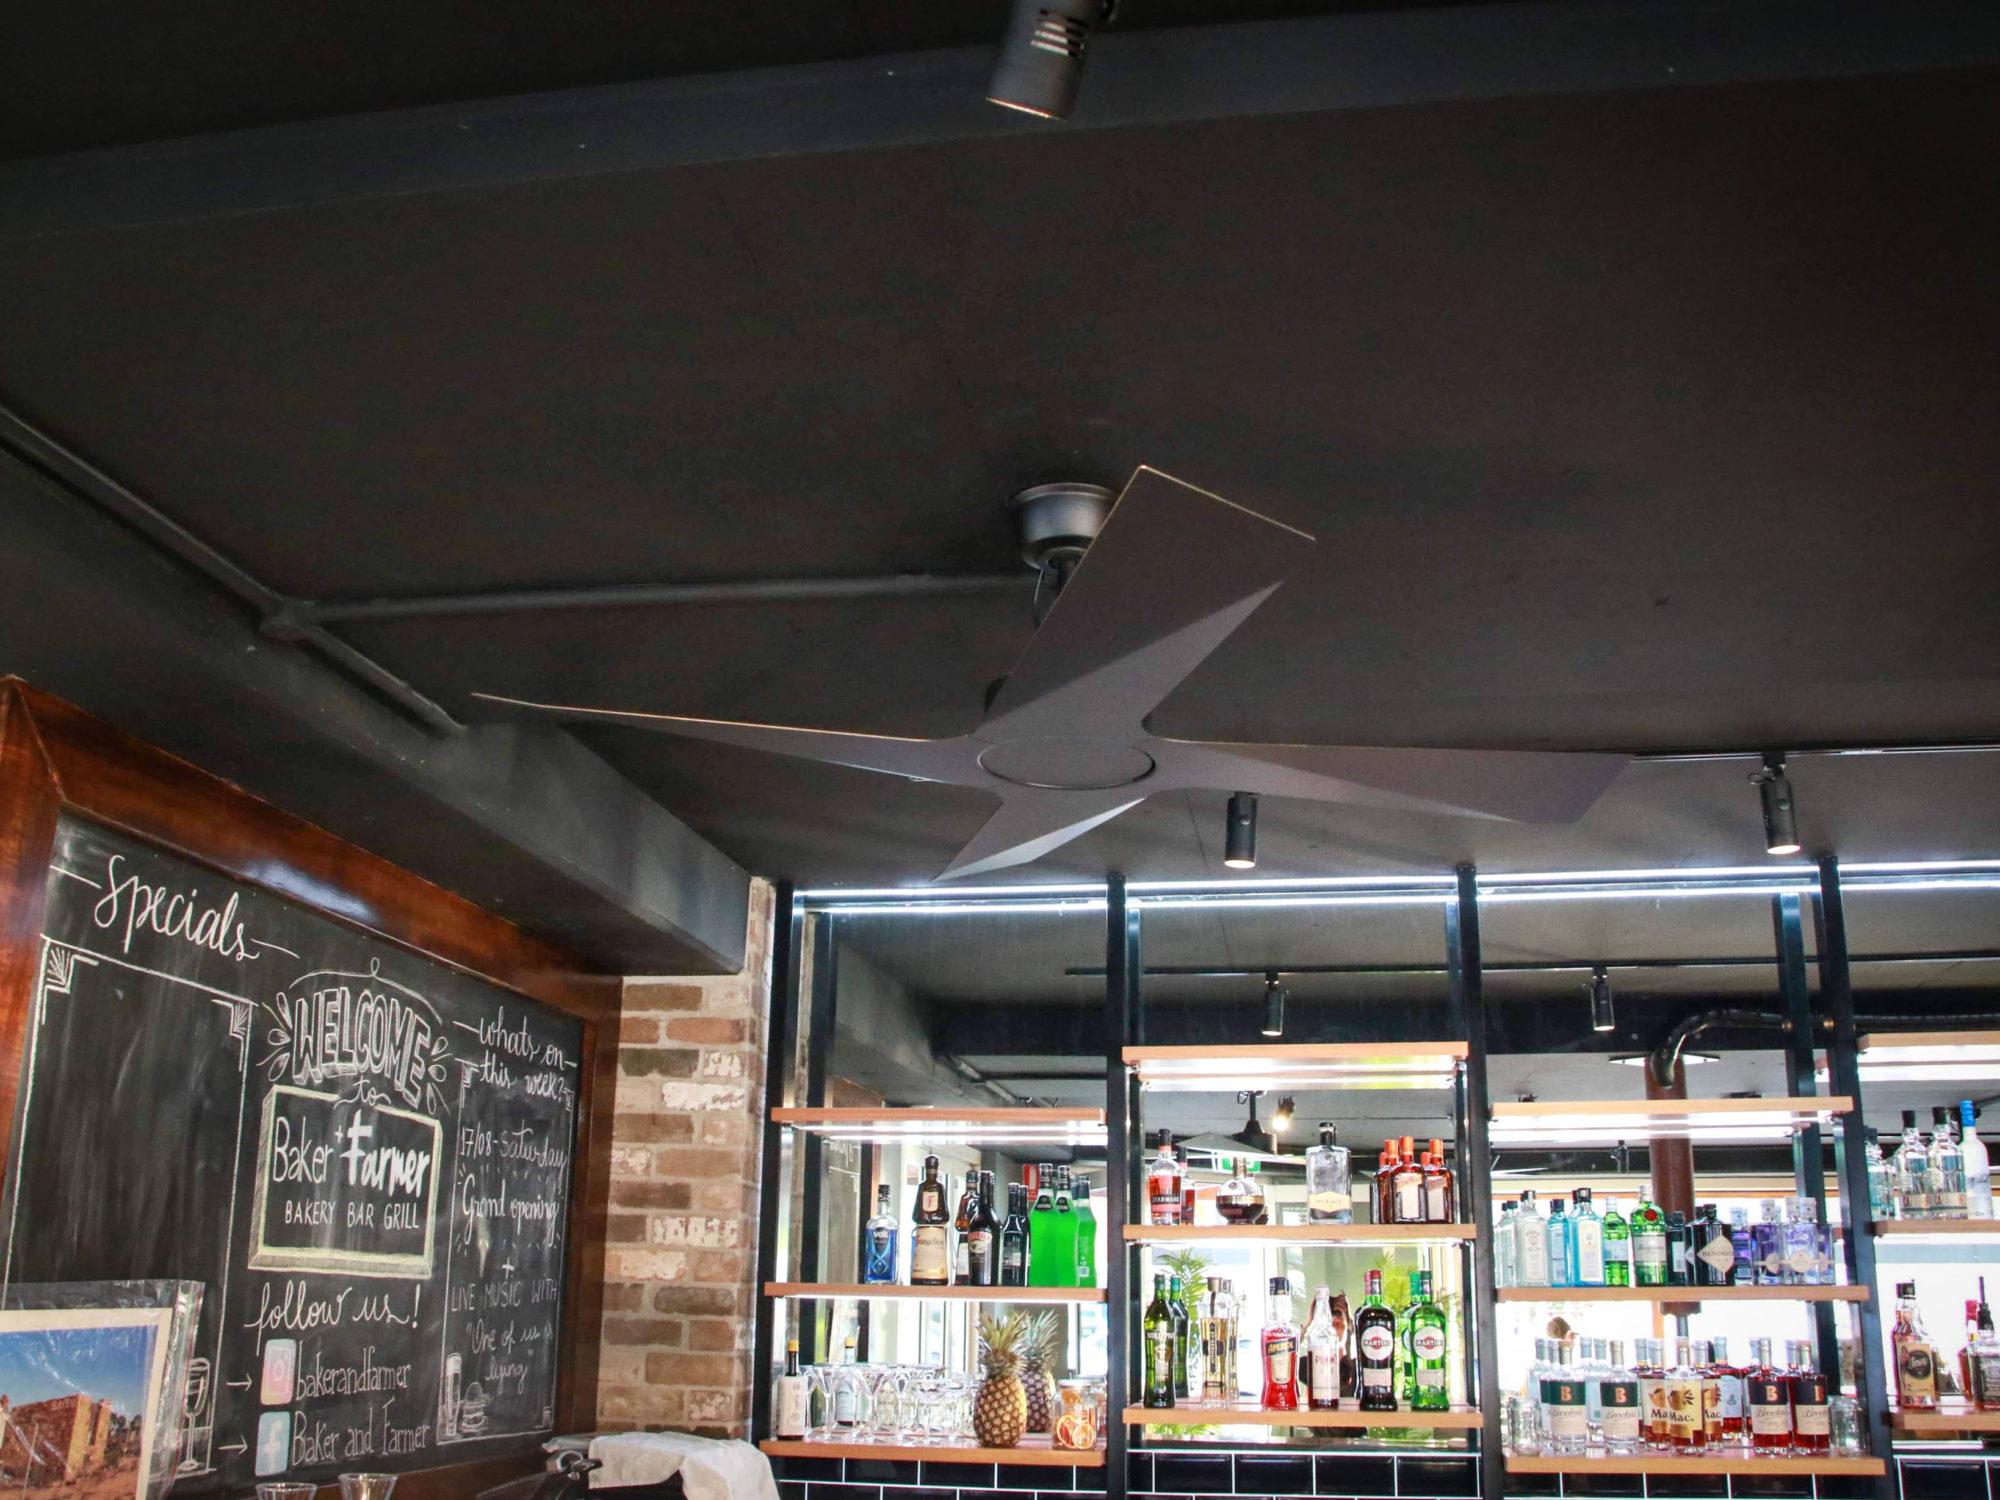 Modn 4 Ceiling Fan 74